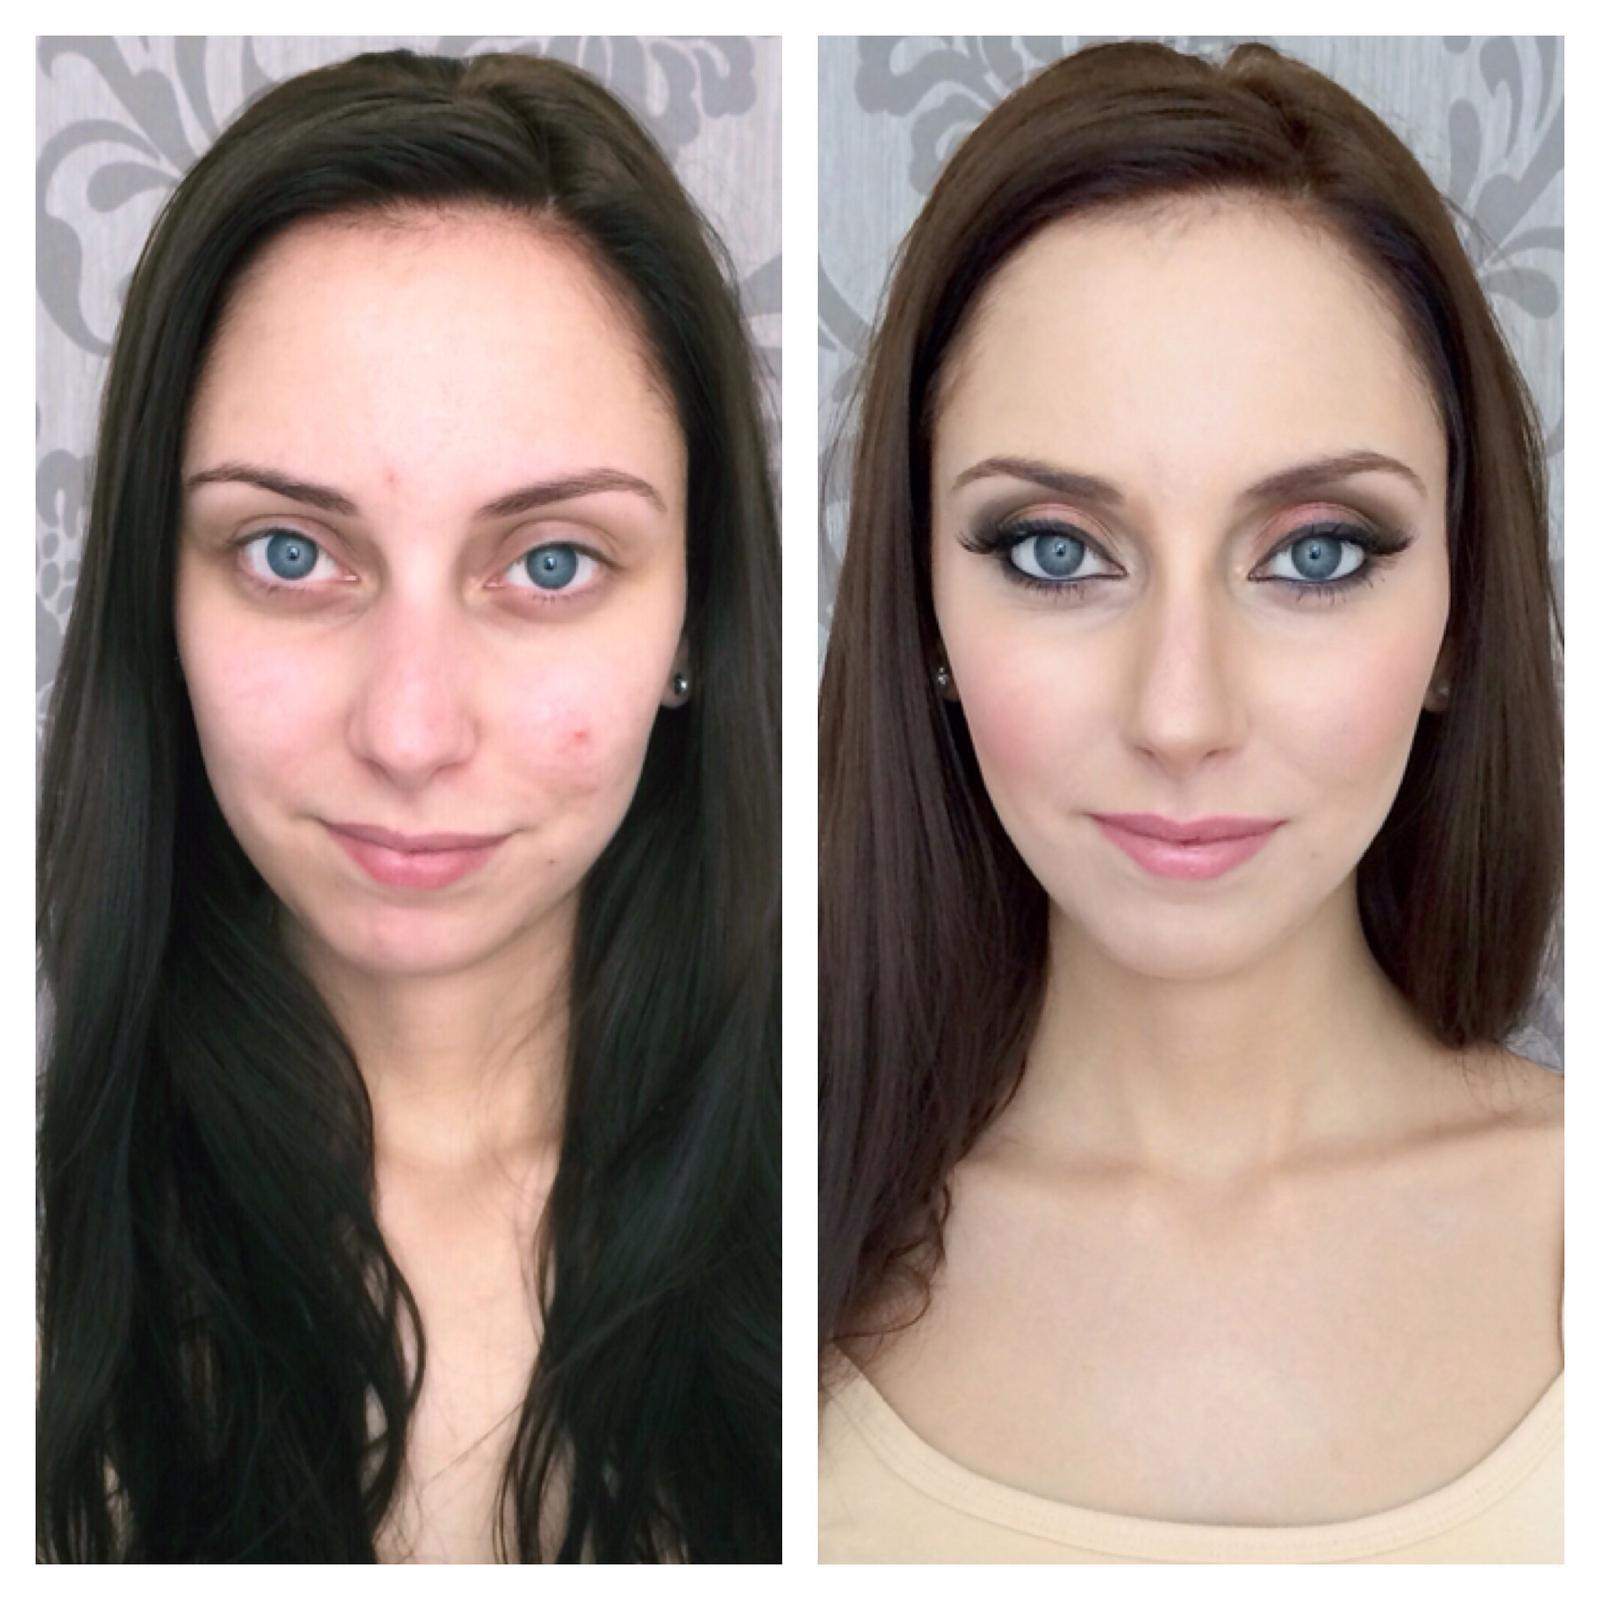 tatar_kriszta_makeup - Obrázok č. 2